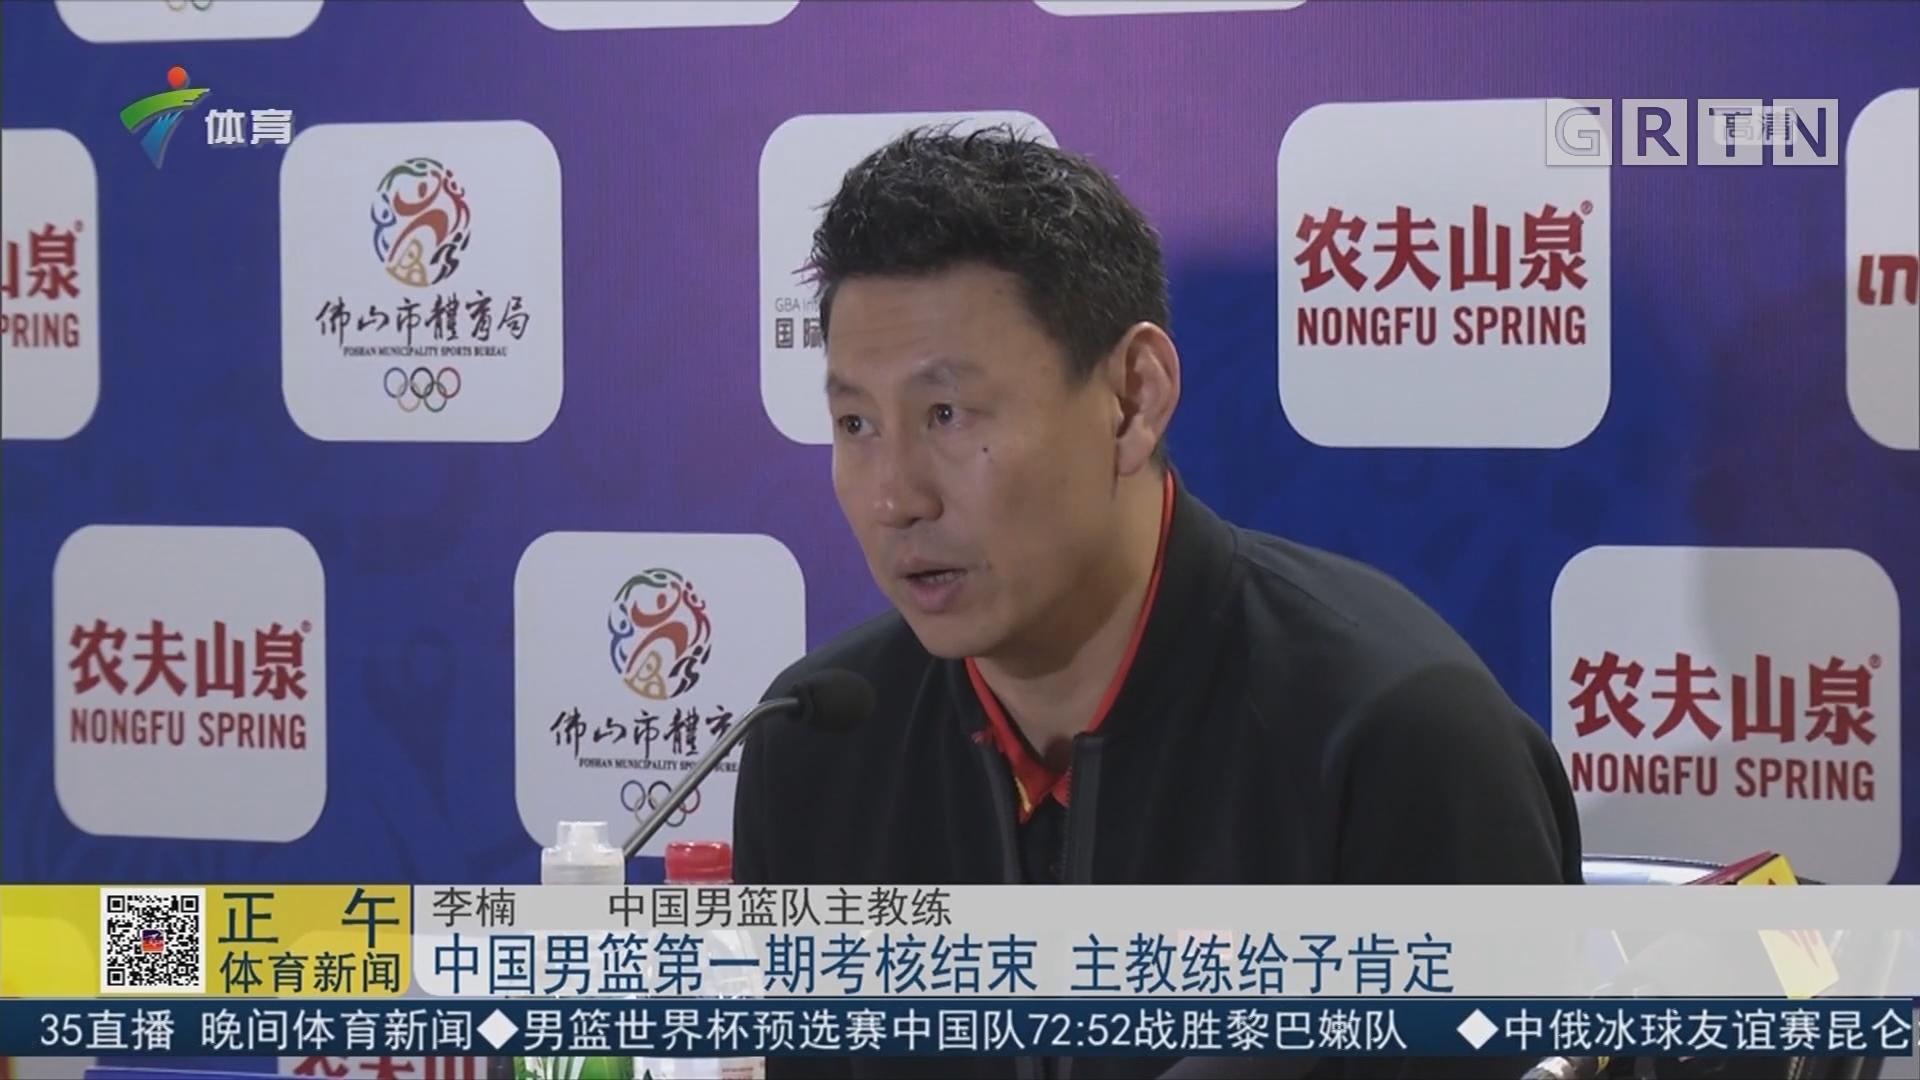 中国男篮第一期考核结束 主教练给予肯定